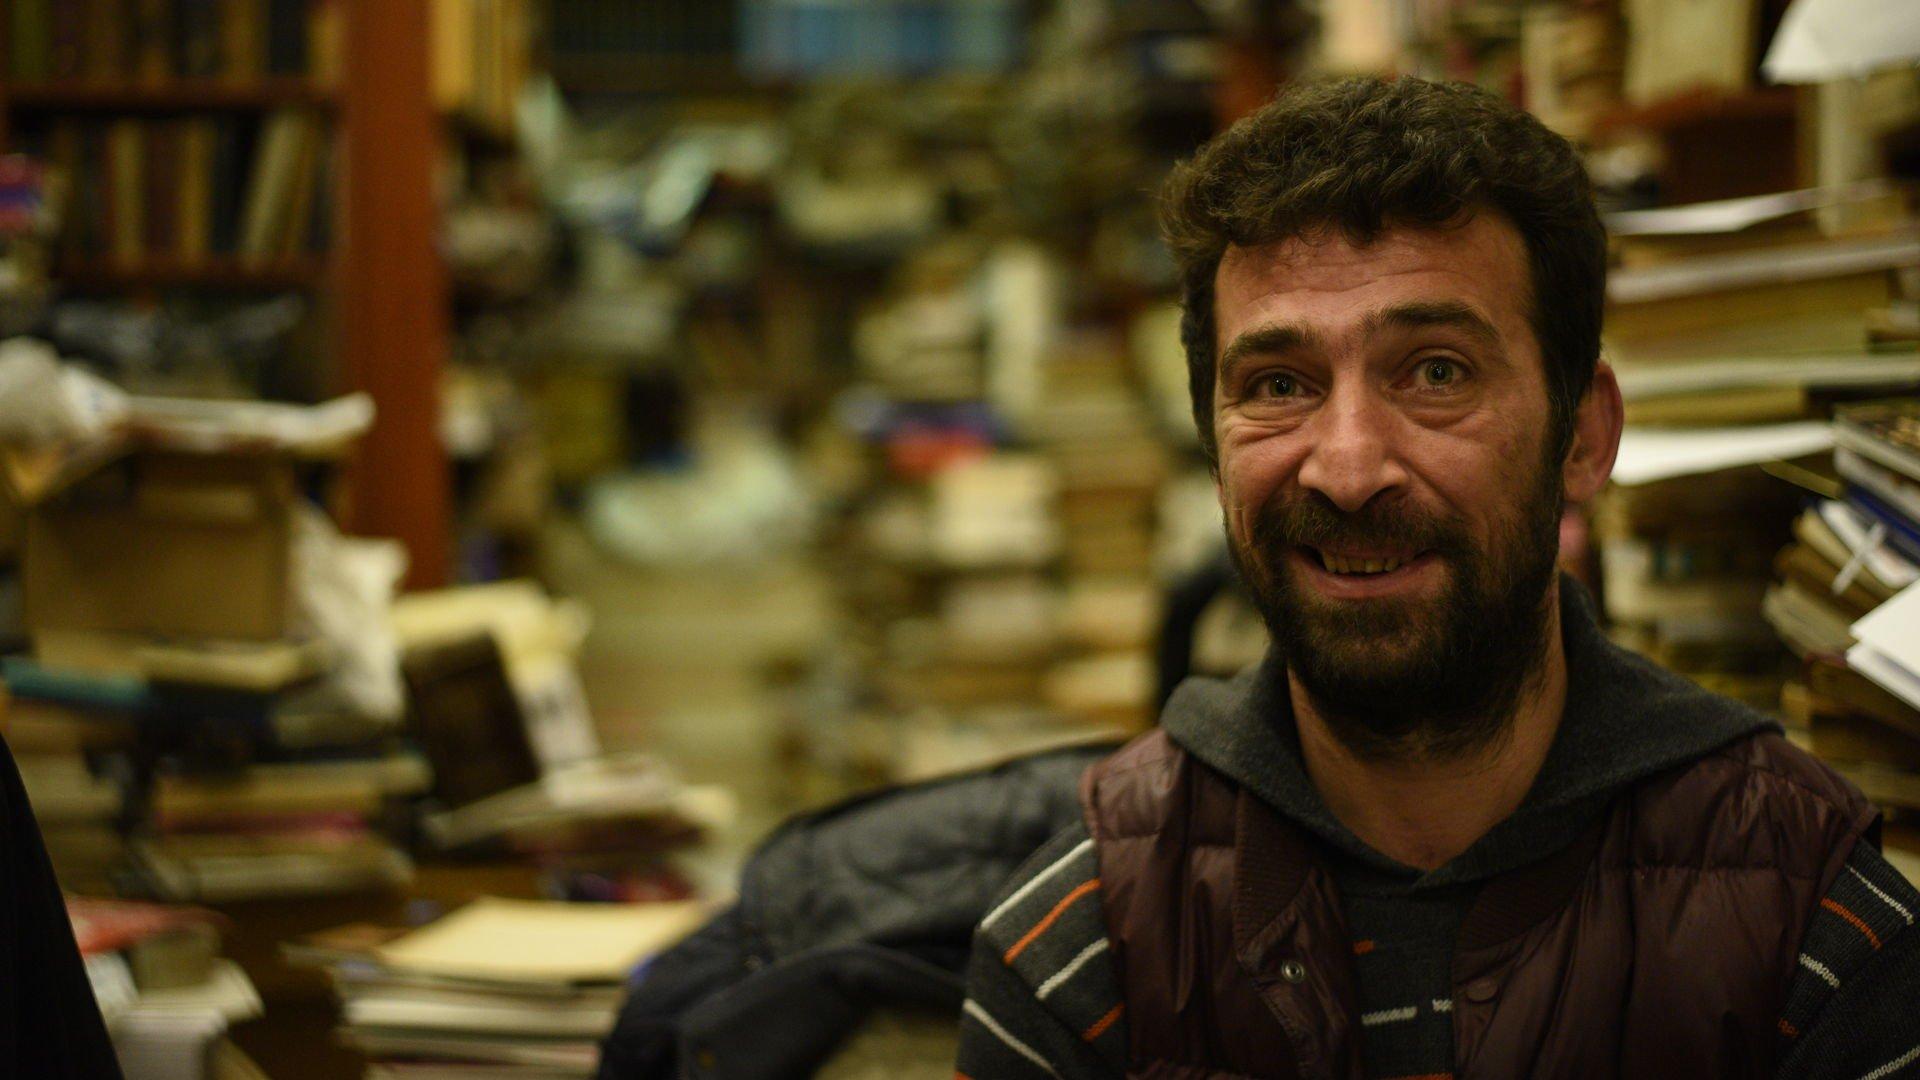 Beyoğlu'nda sahaflık yapan Sedat Yardımcı kitapla ilgili öyküsünü anlattı